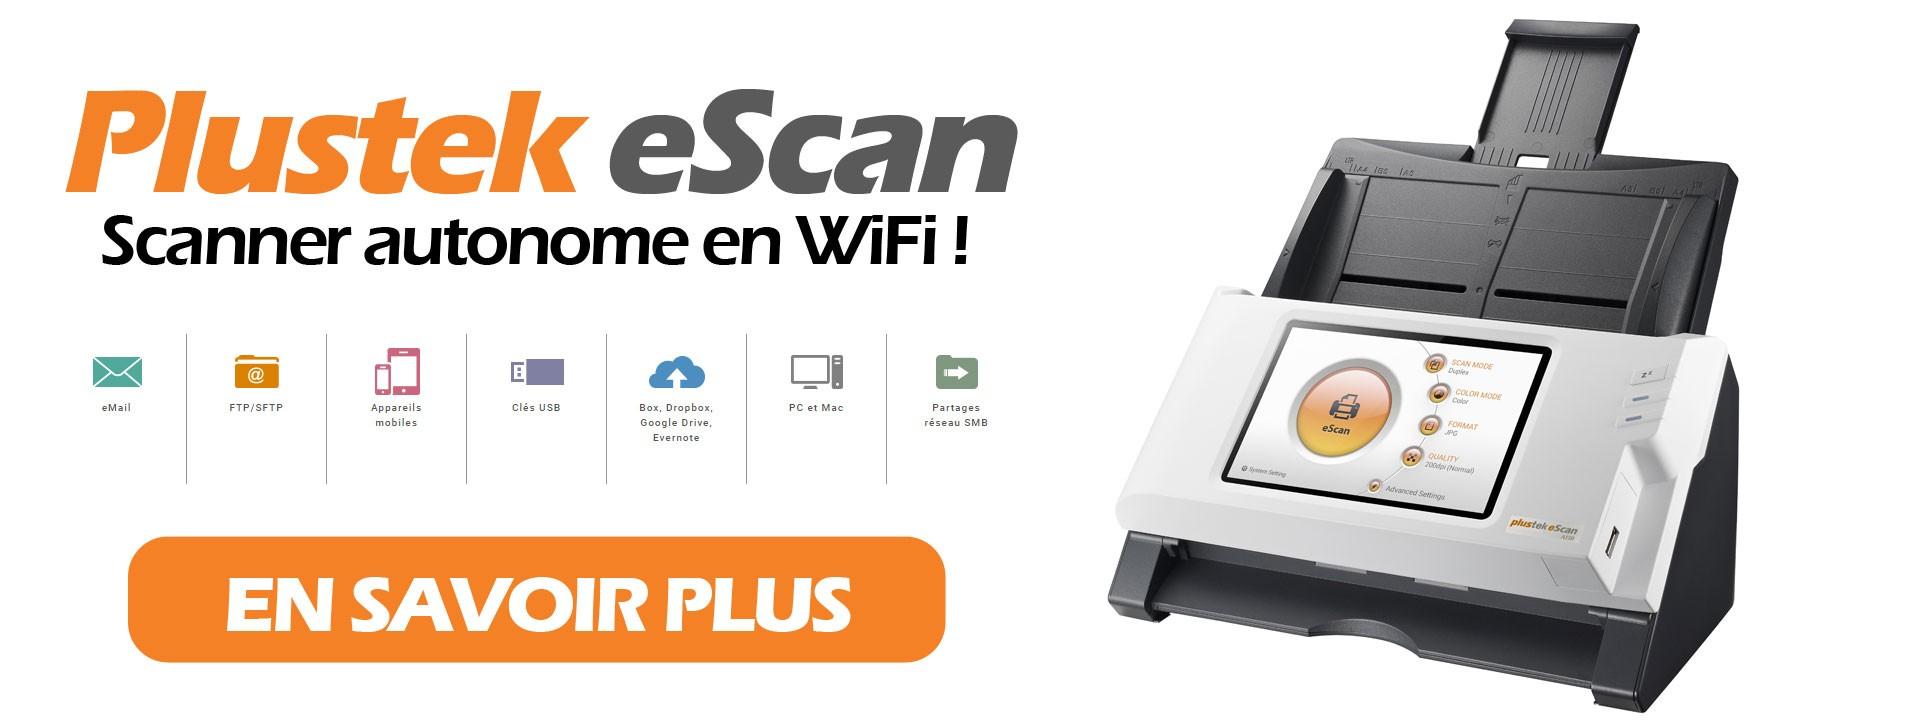 Plustek eScan